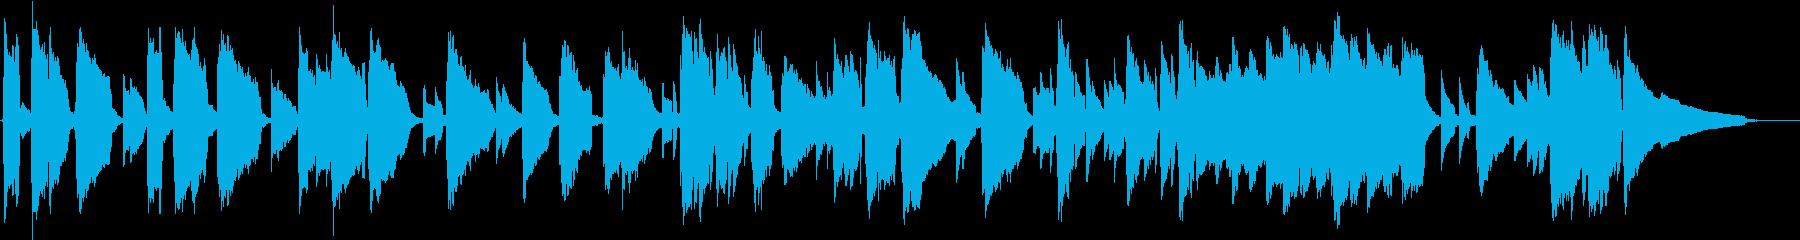 ゆったりめちょいジャズエレキギターソロの再生済みの波形